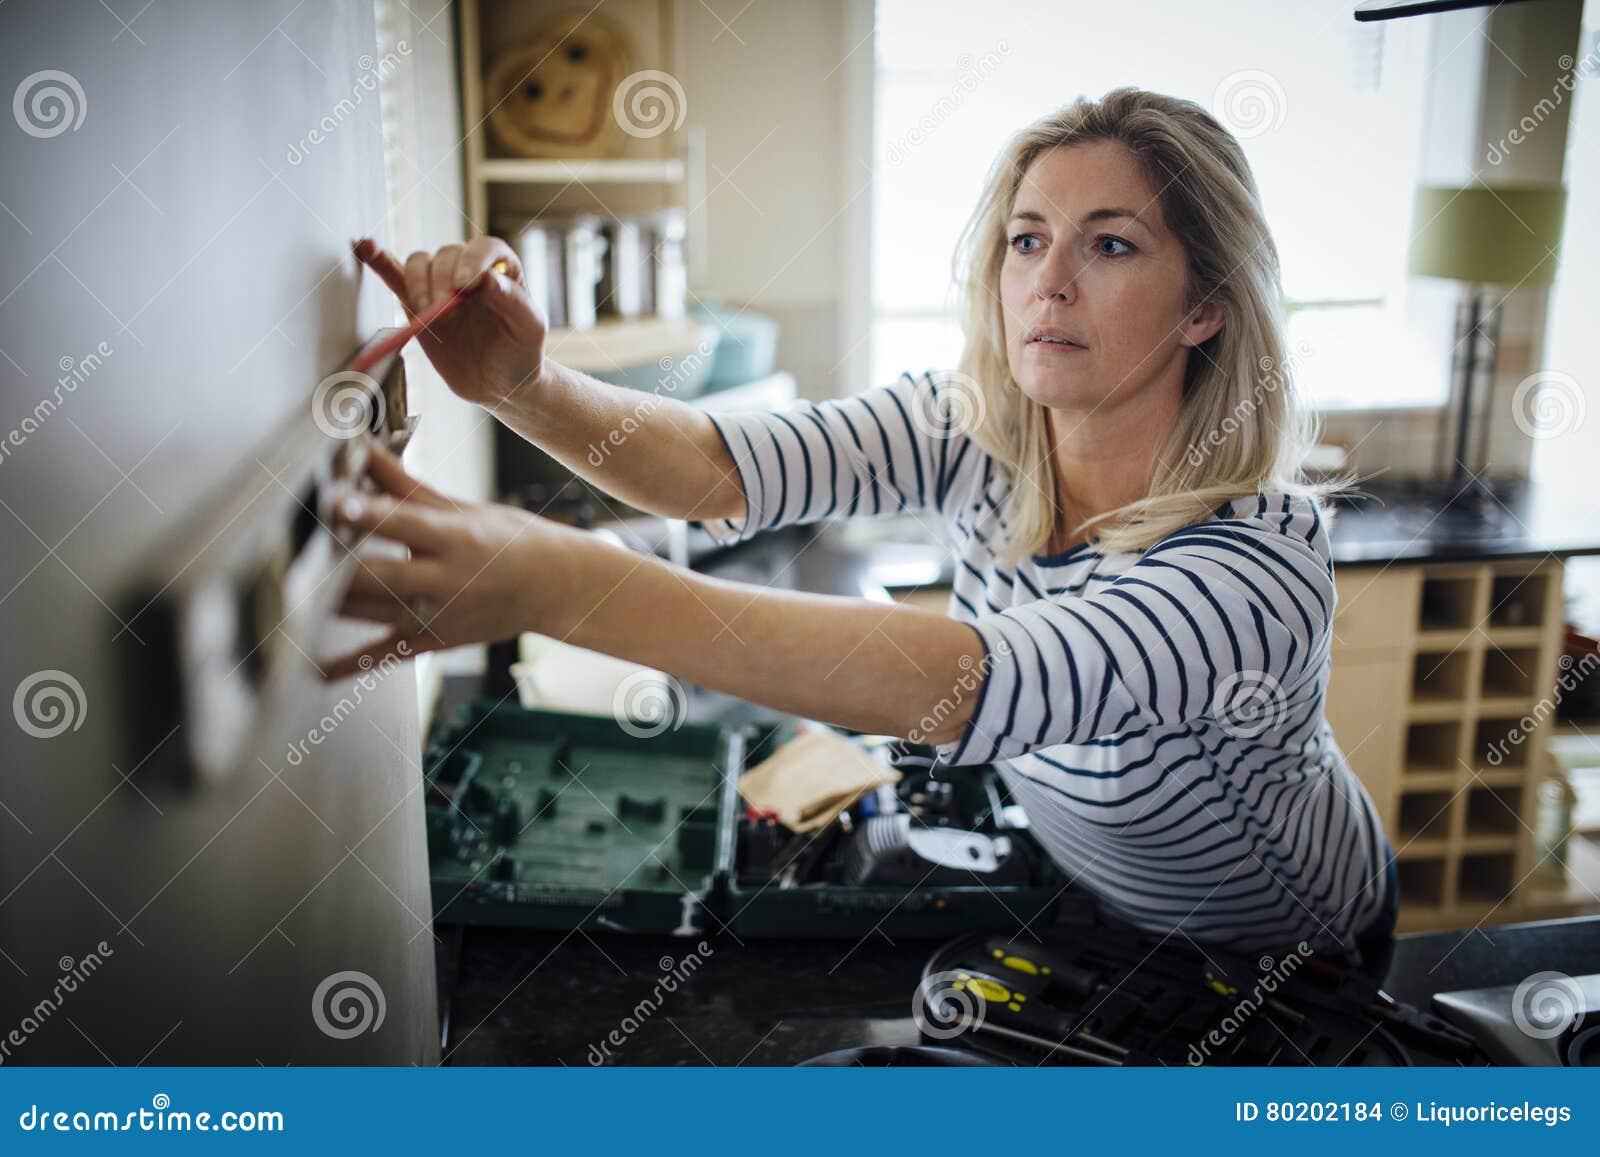 DIY in the Kitchen